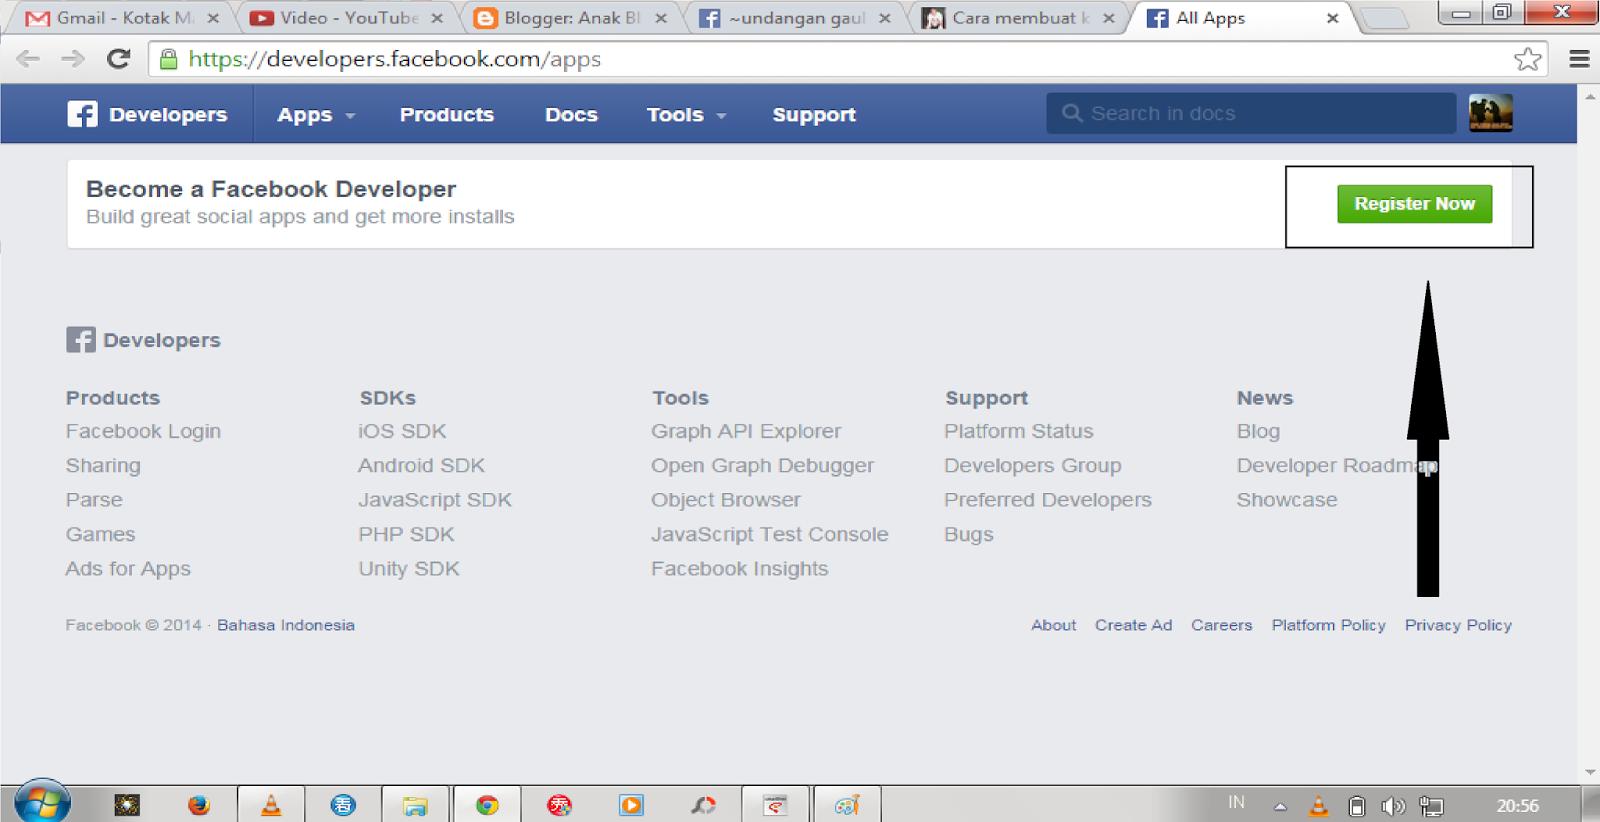 cara membuat mendaftar aplikasi facebook untuk persiapan